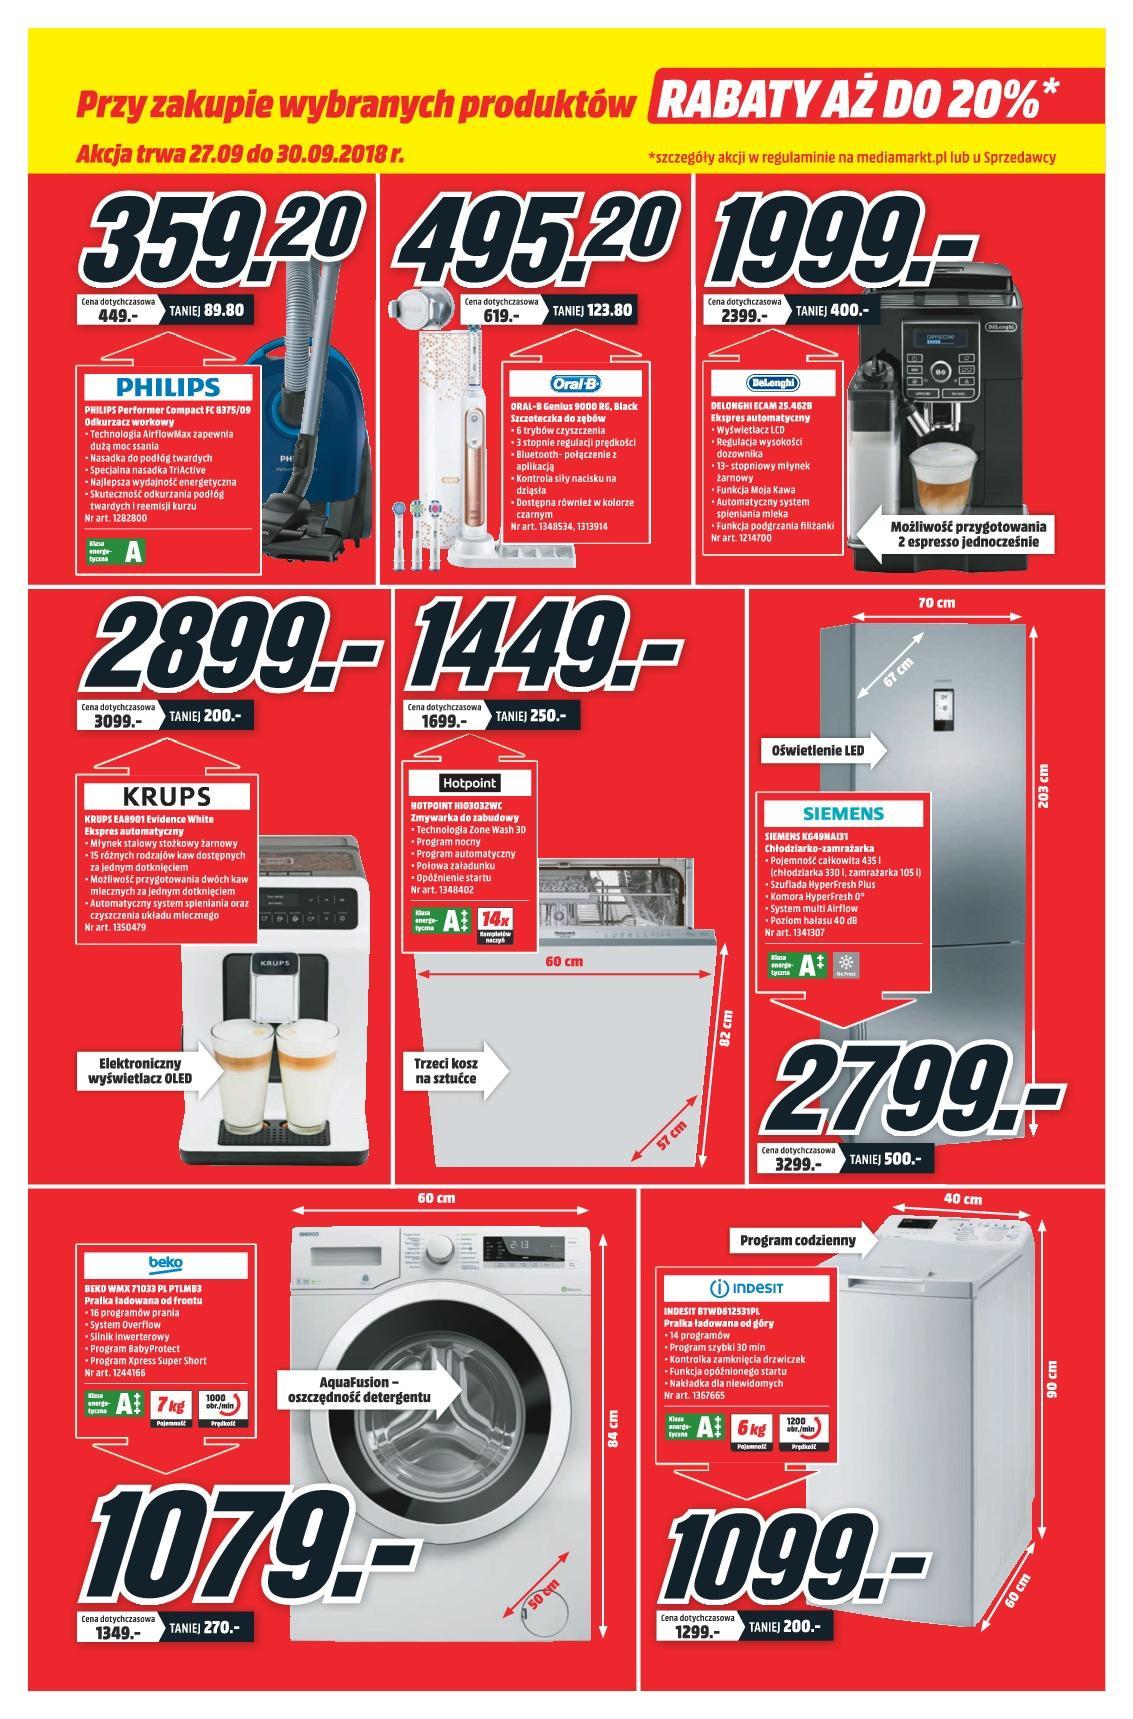 Gazetka promocyjna Media Markt do 30/09/2018 str.6